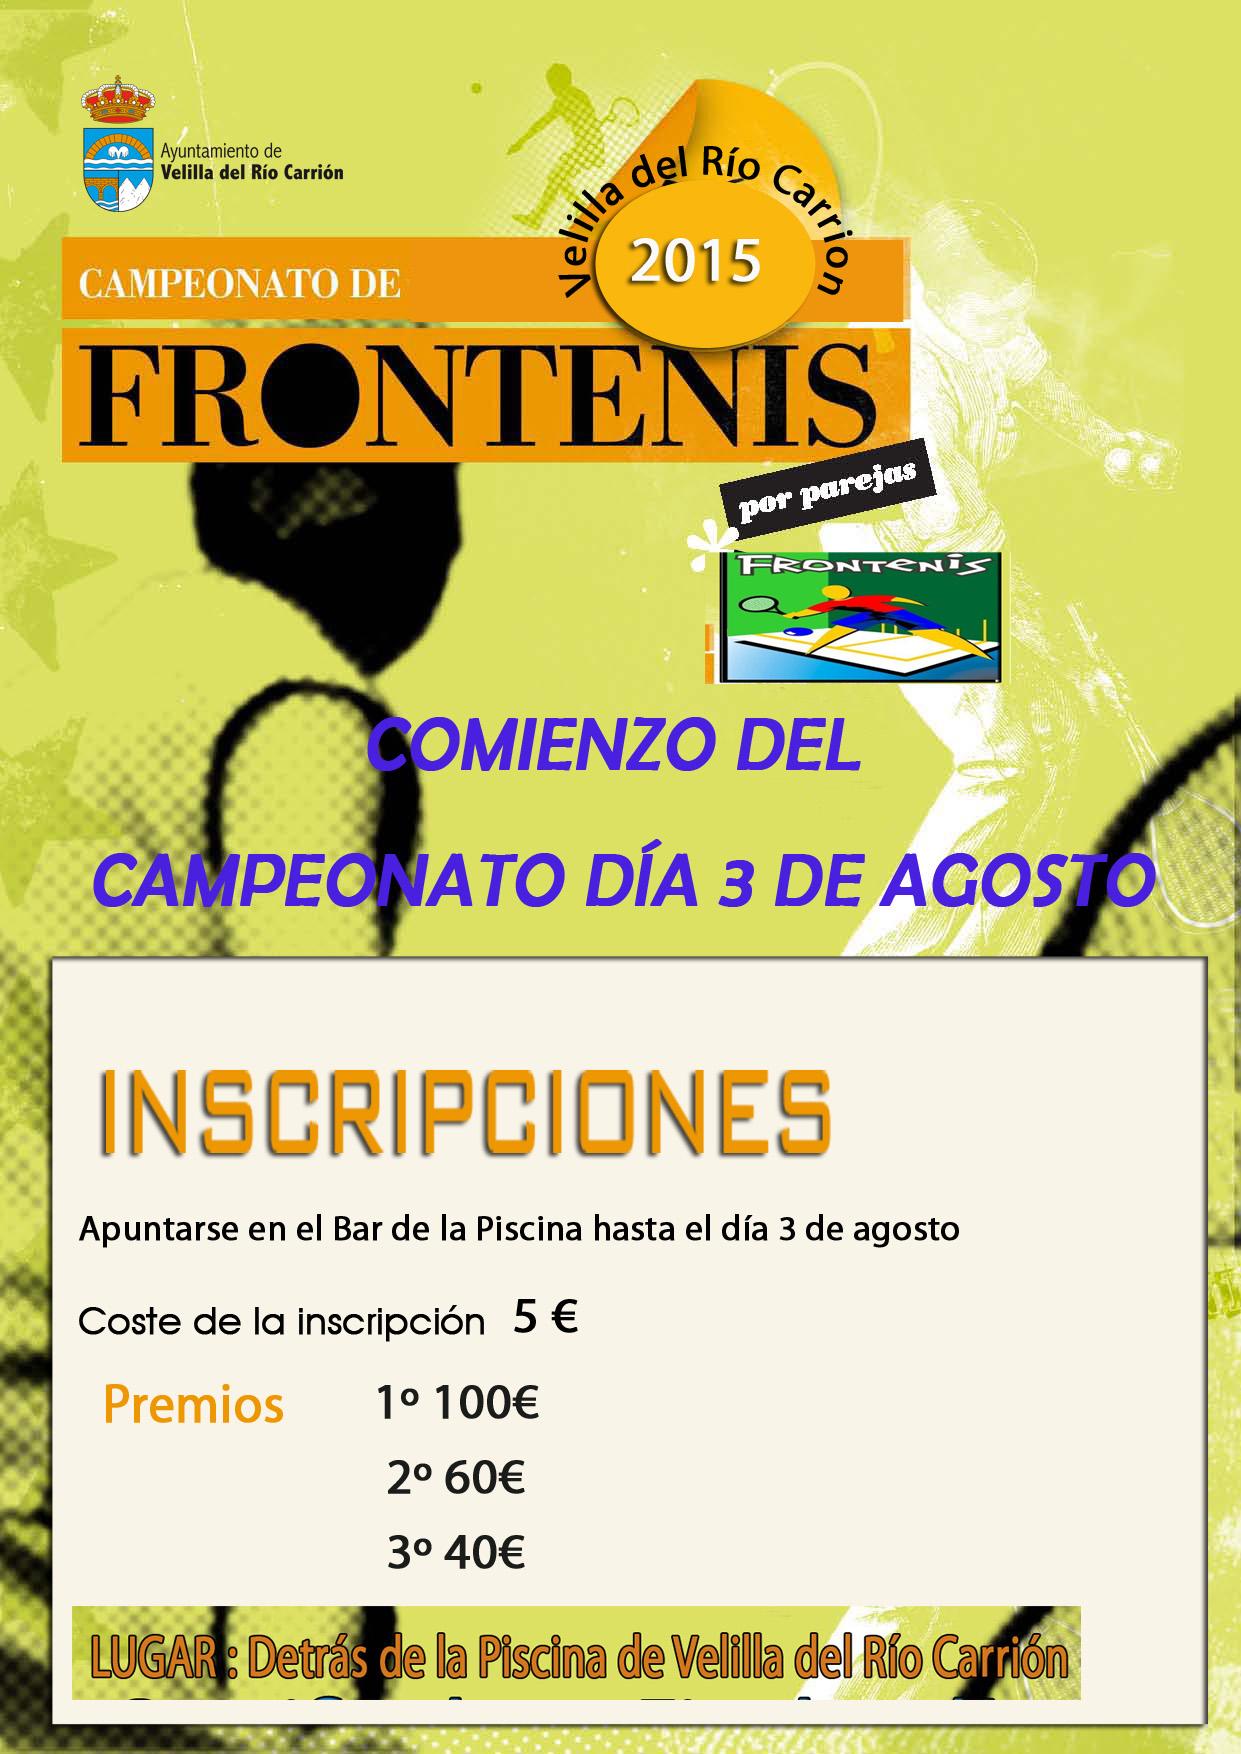 CAMPEONATO DE FRONTENIS